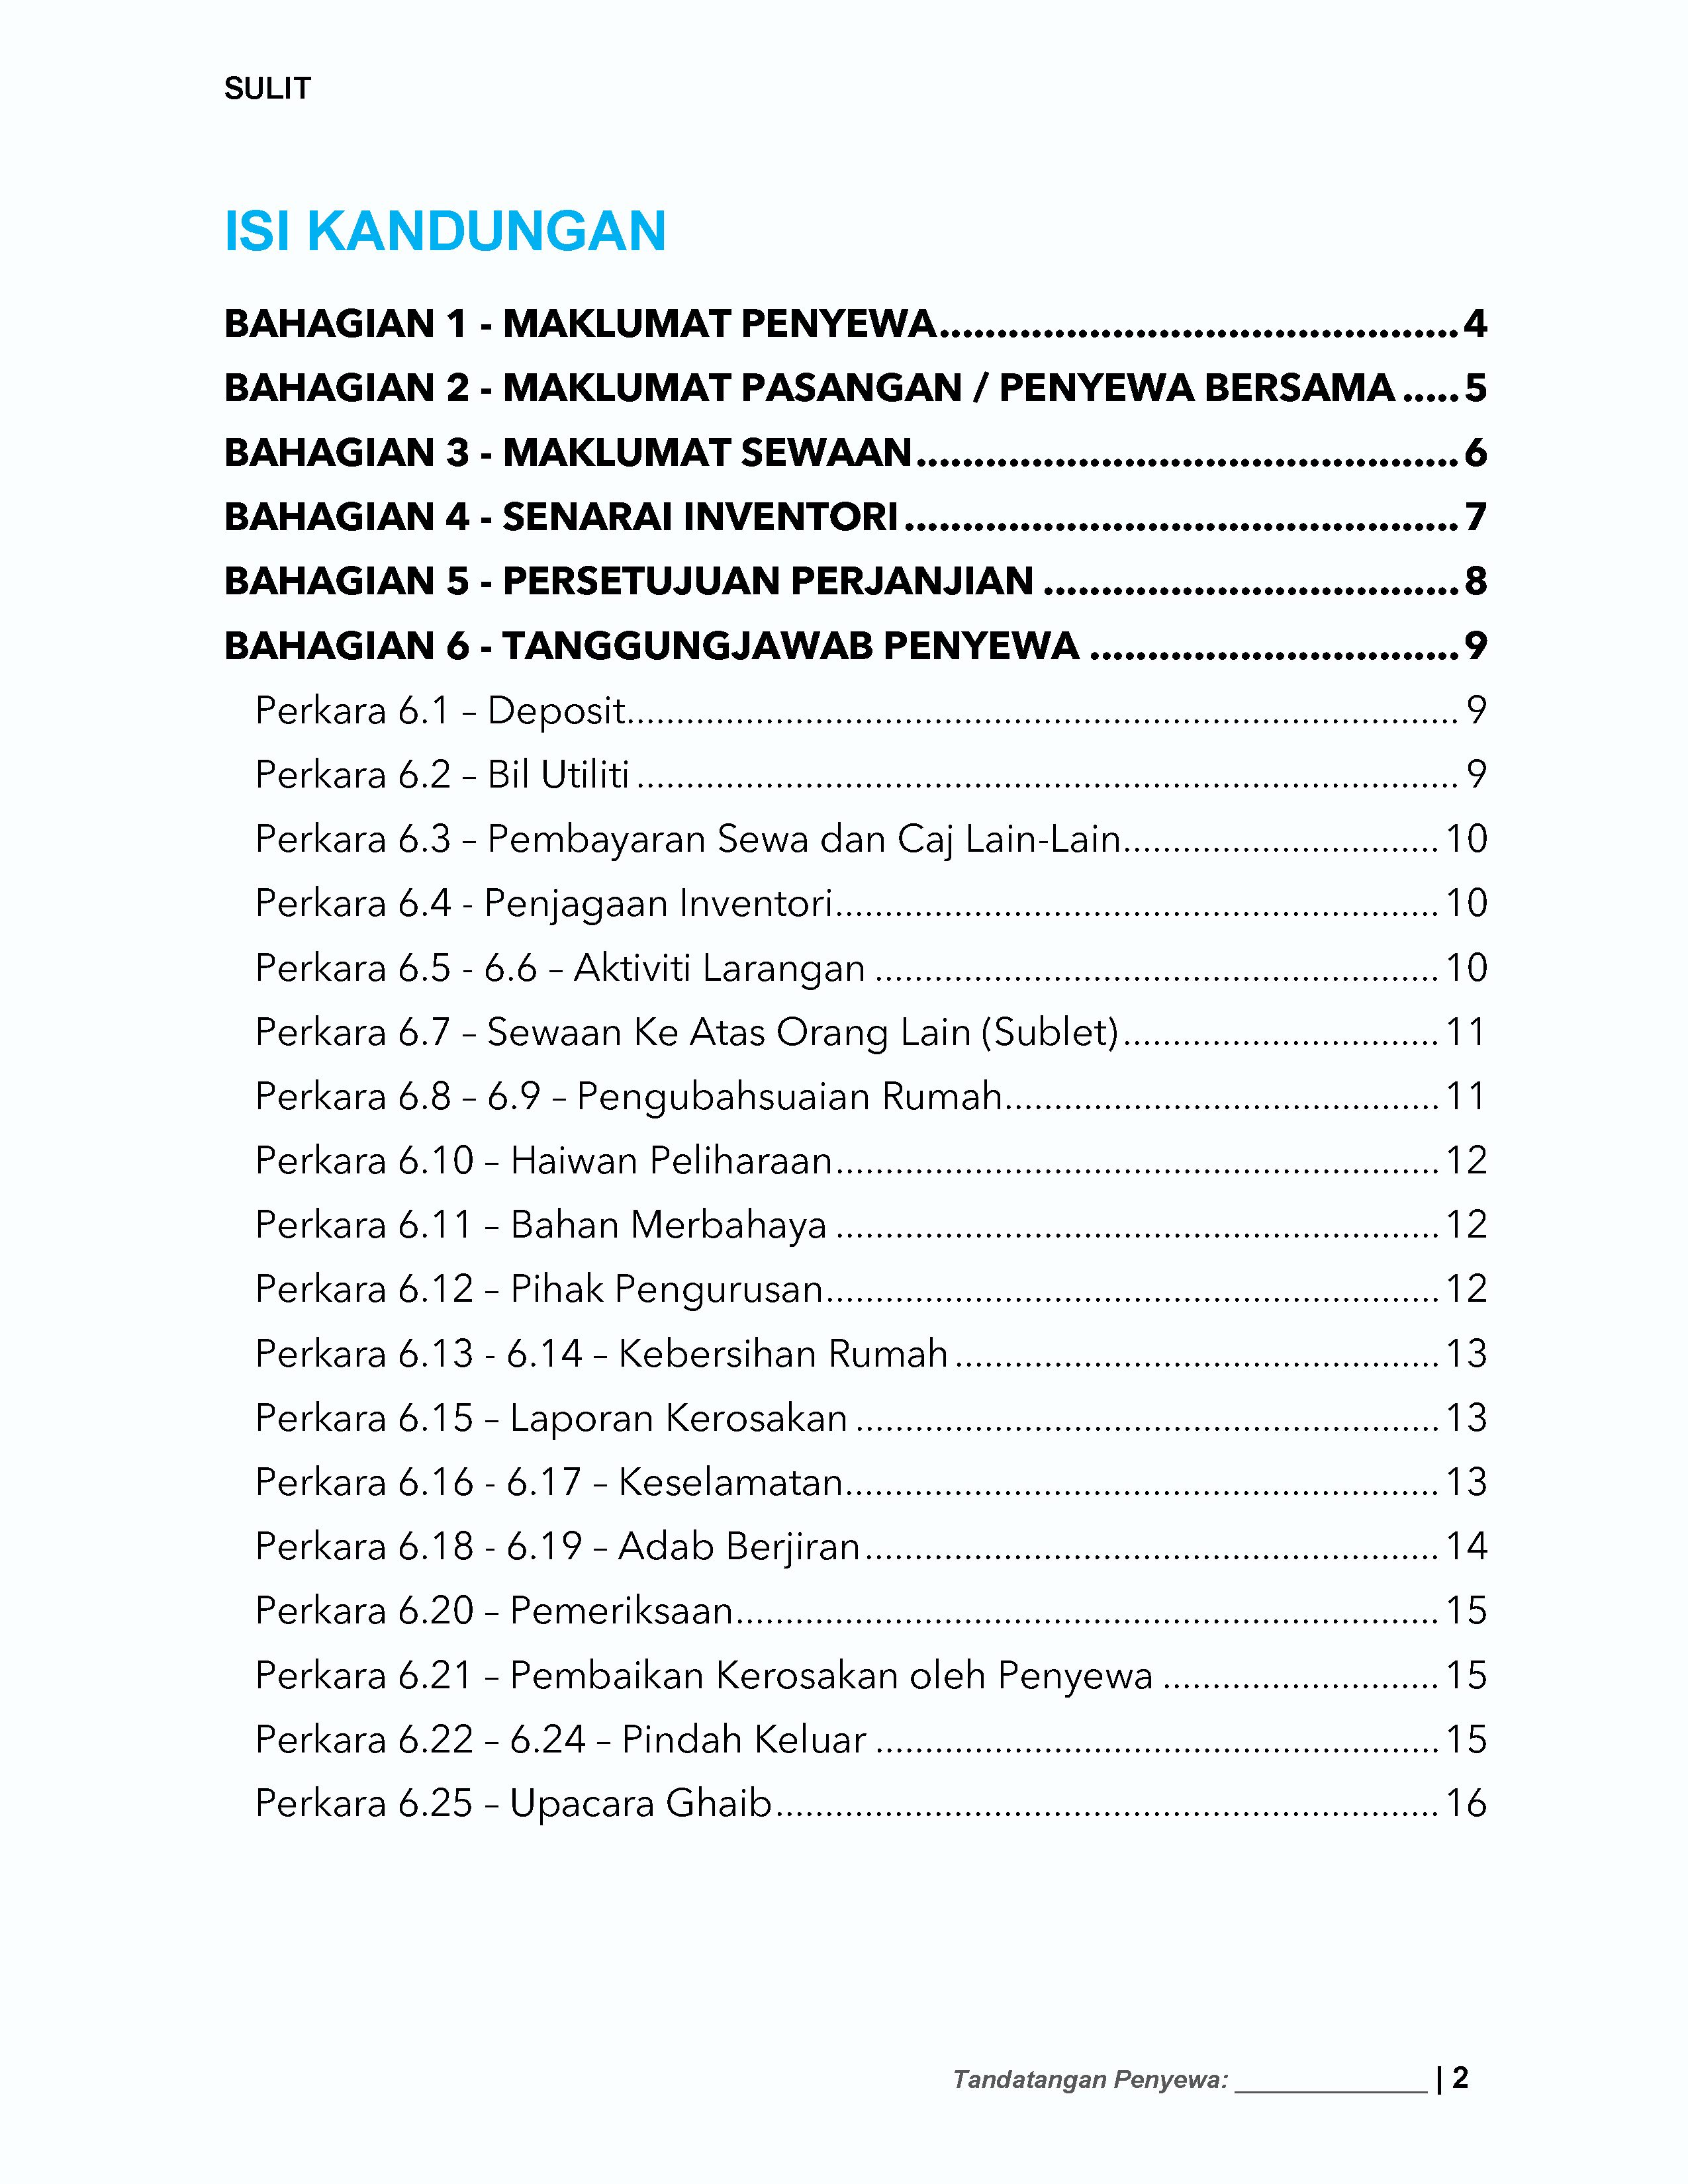 Surat Perjanjian Sewa Rumah 2021_Page_02-min